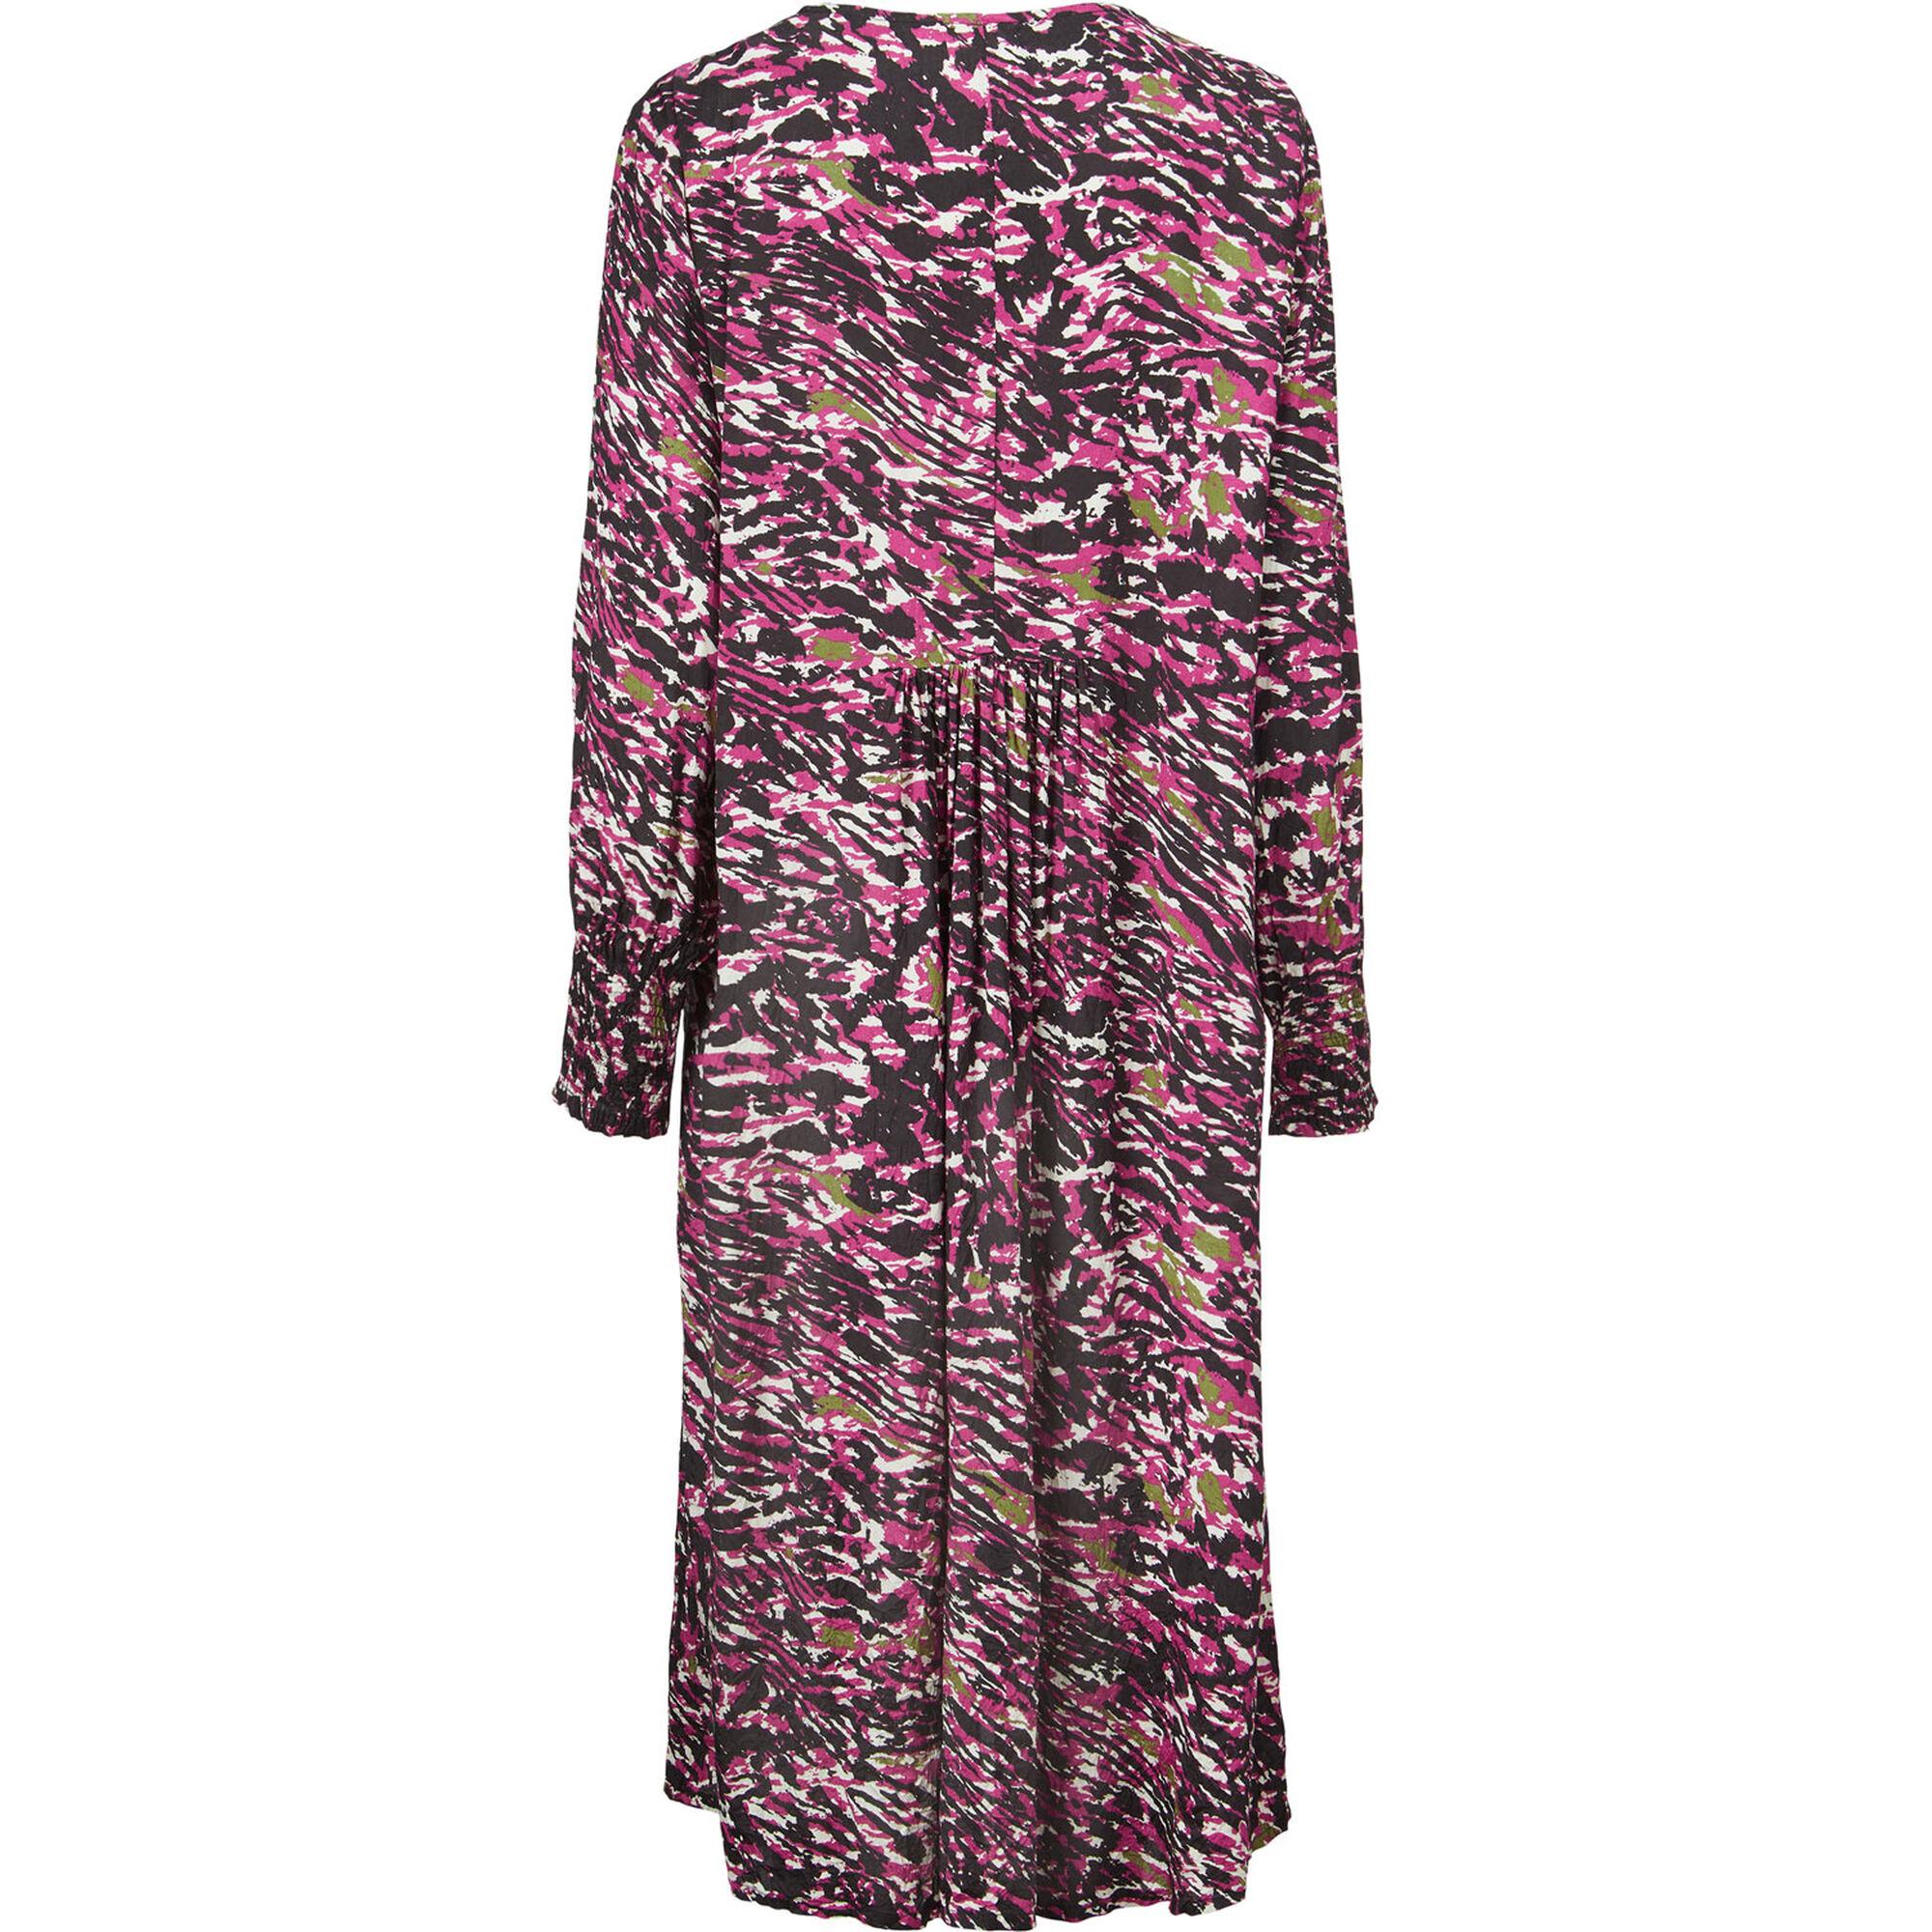 NORASSA DRESS, Sangria, hi-res